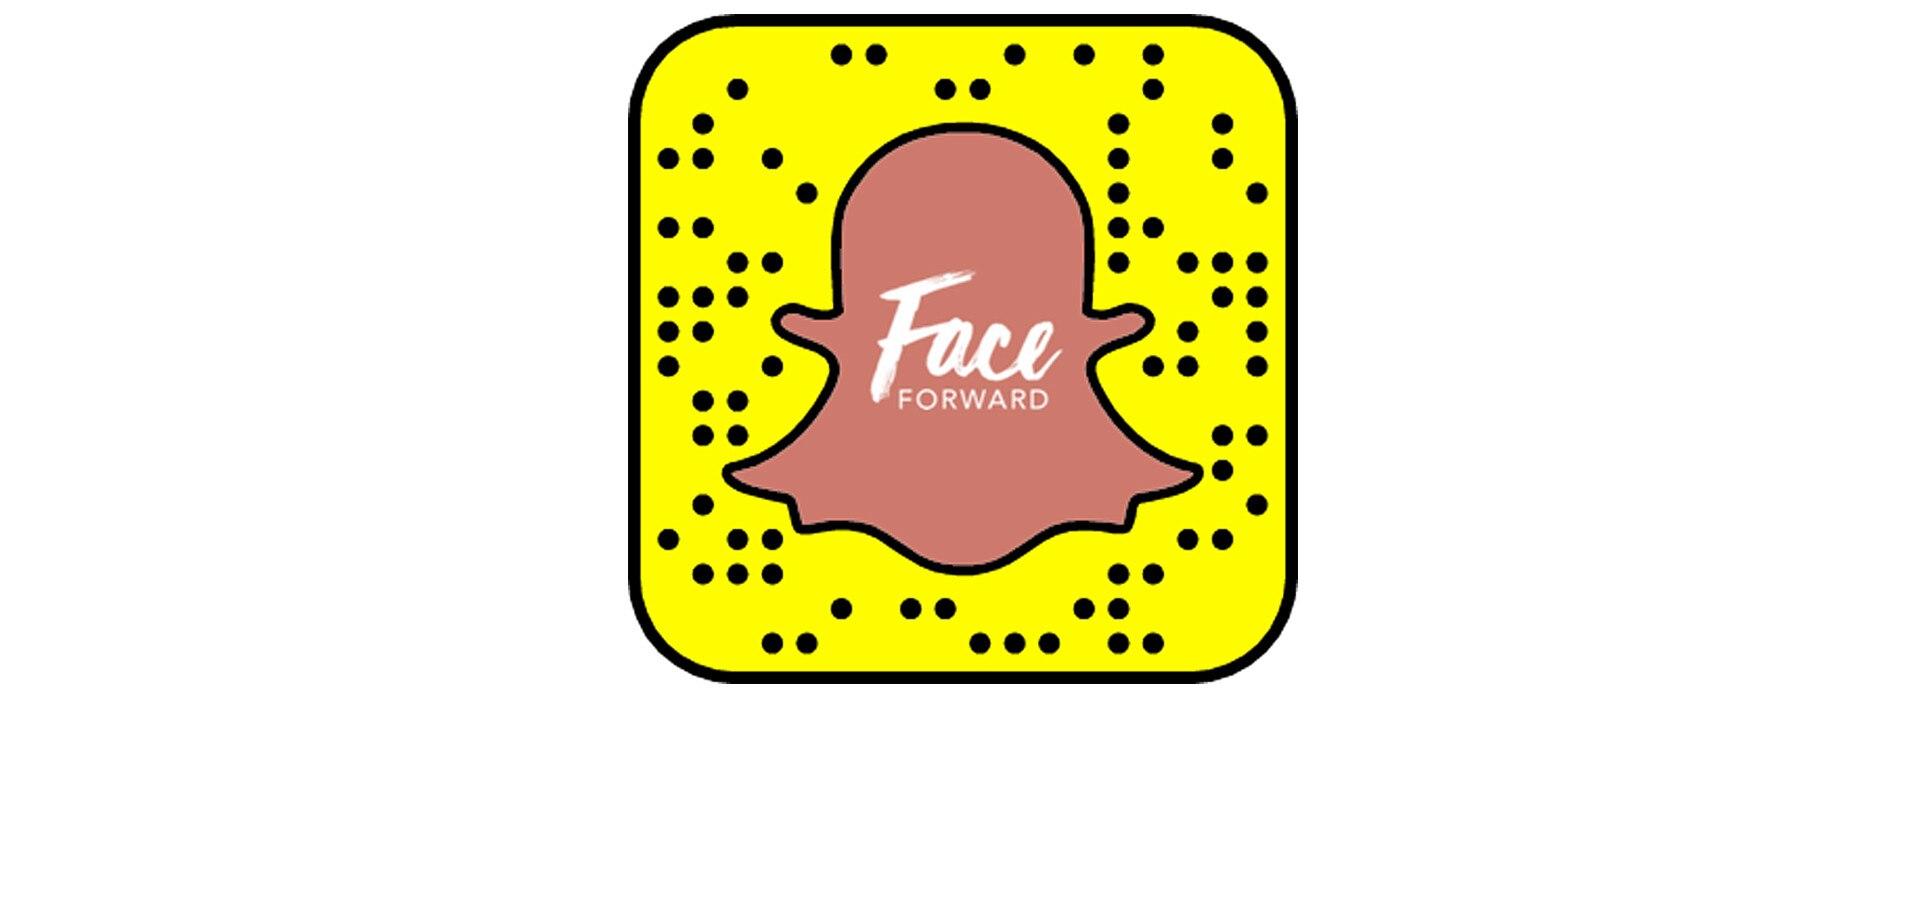 face forward e news